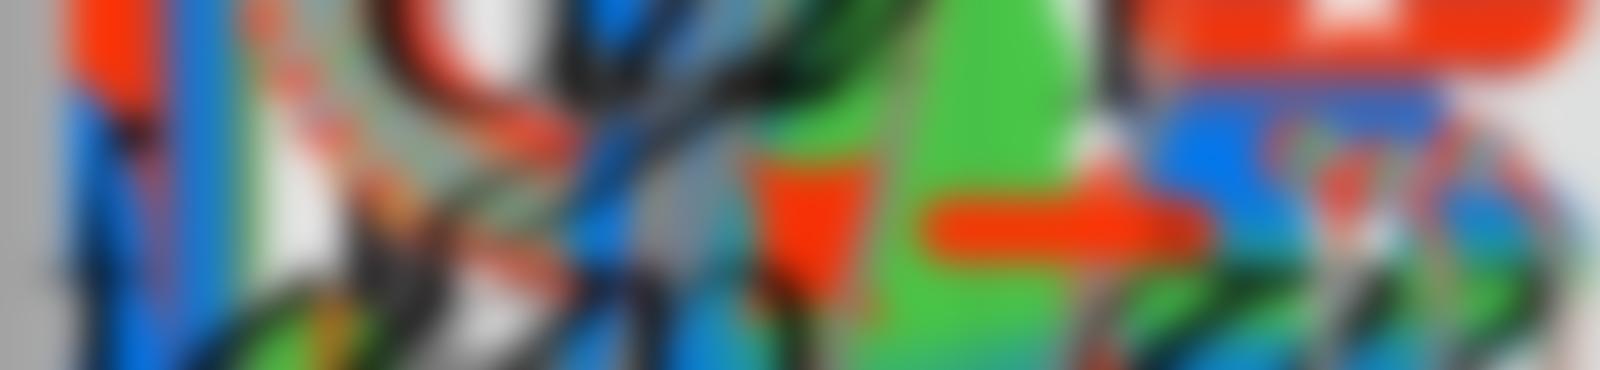 Blurred 612d74b0 9028 4f56 8319 30f91a272130